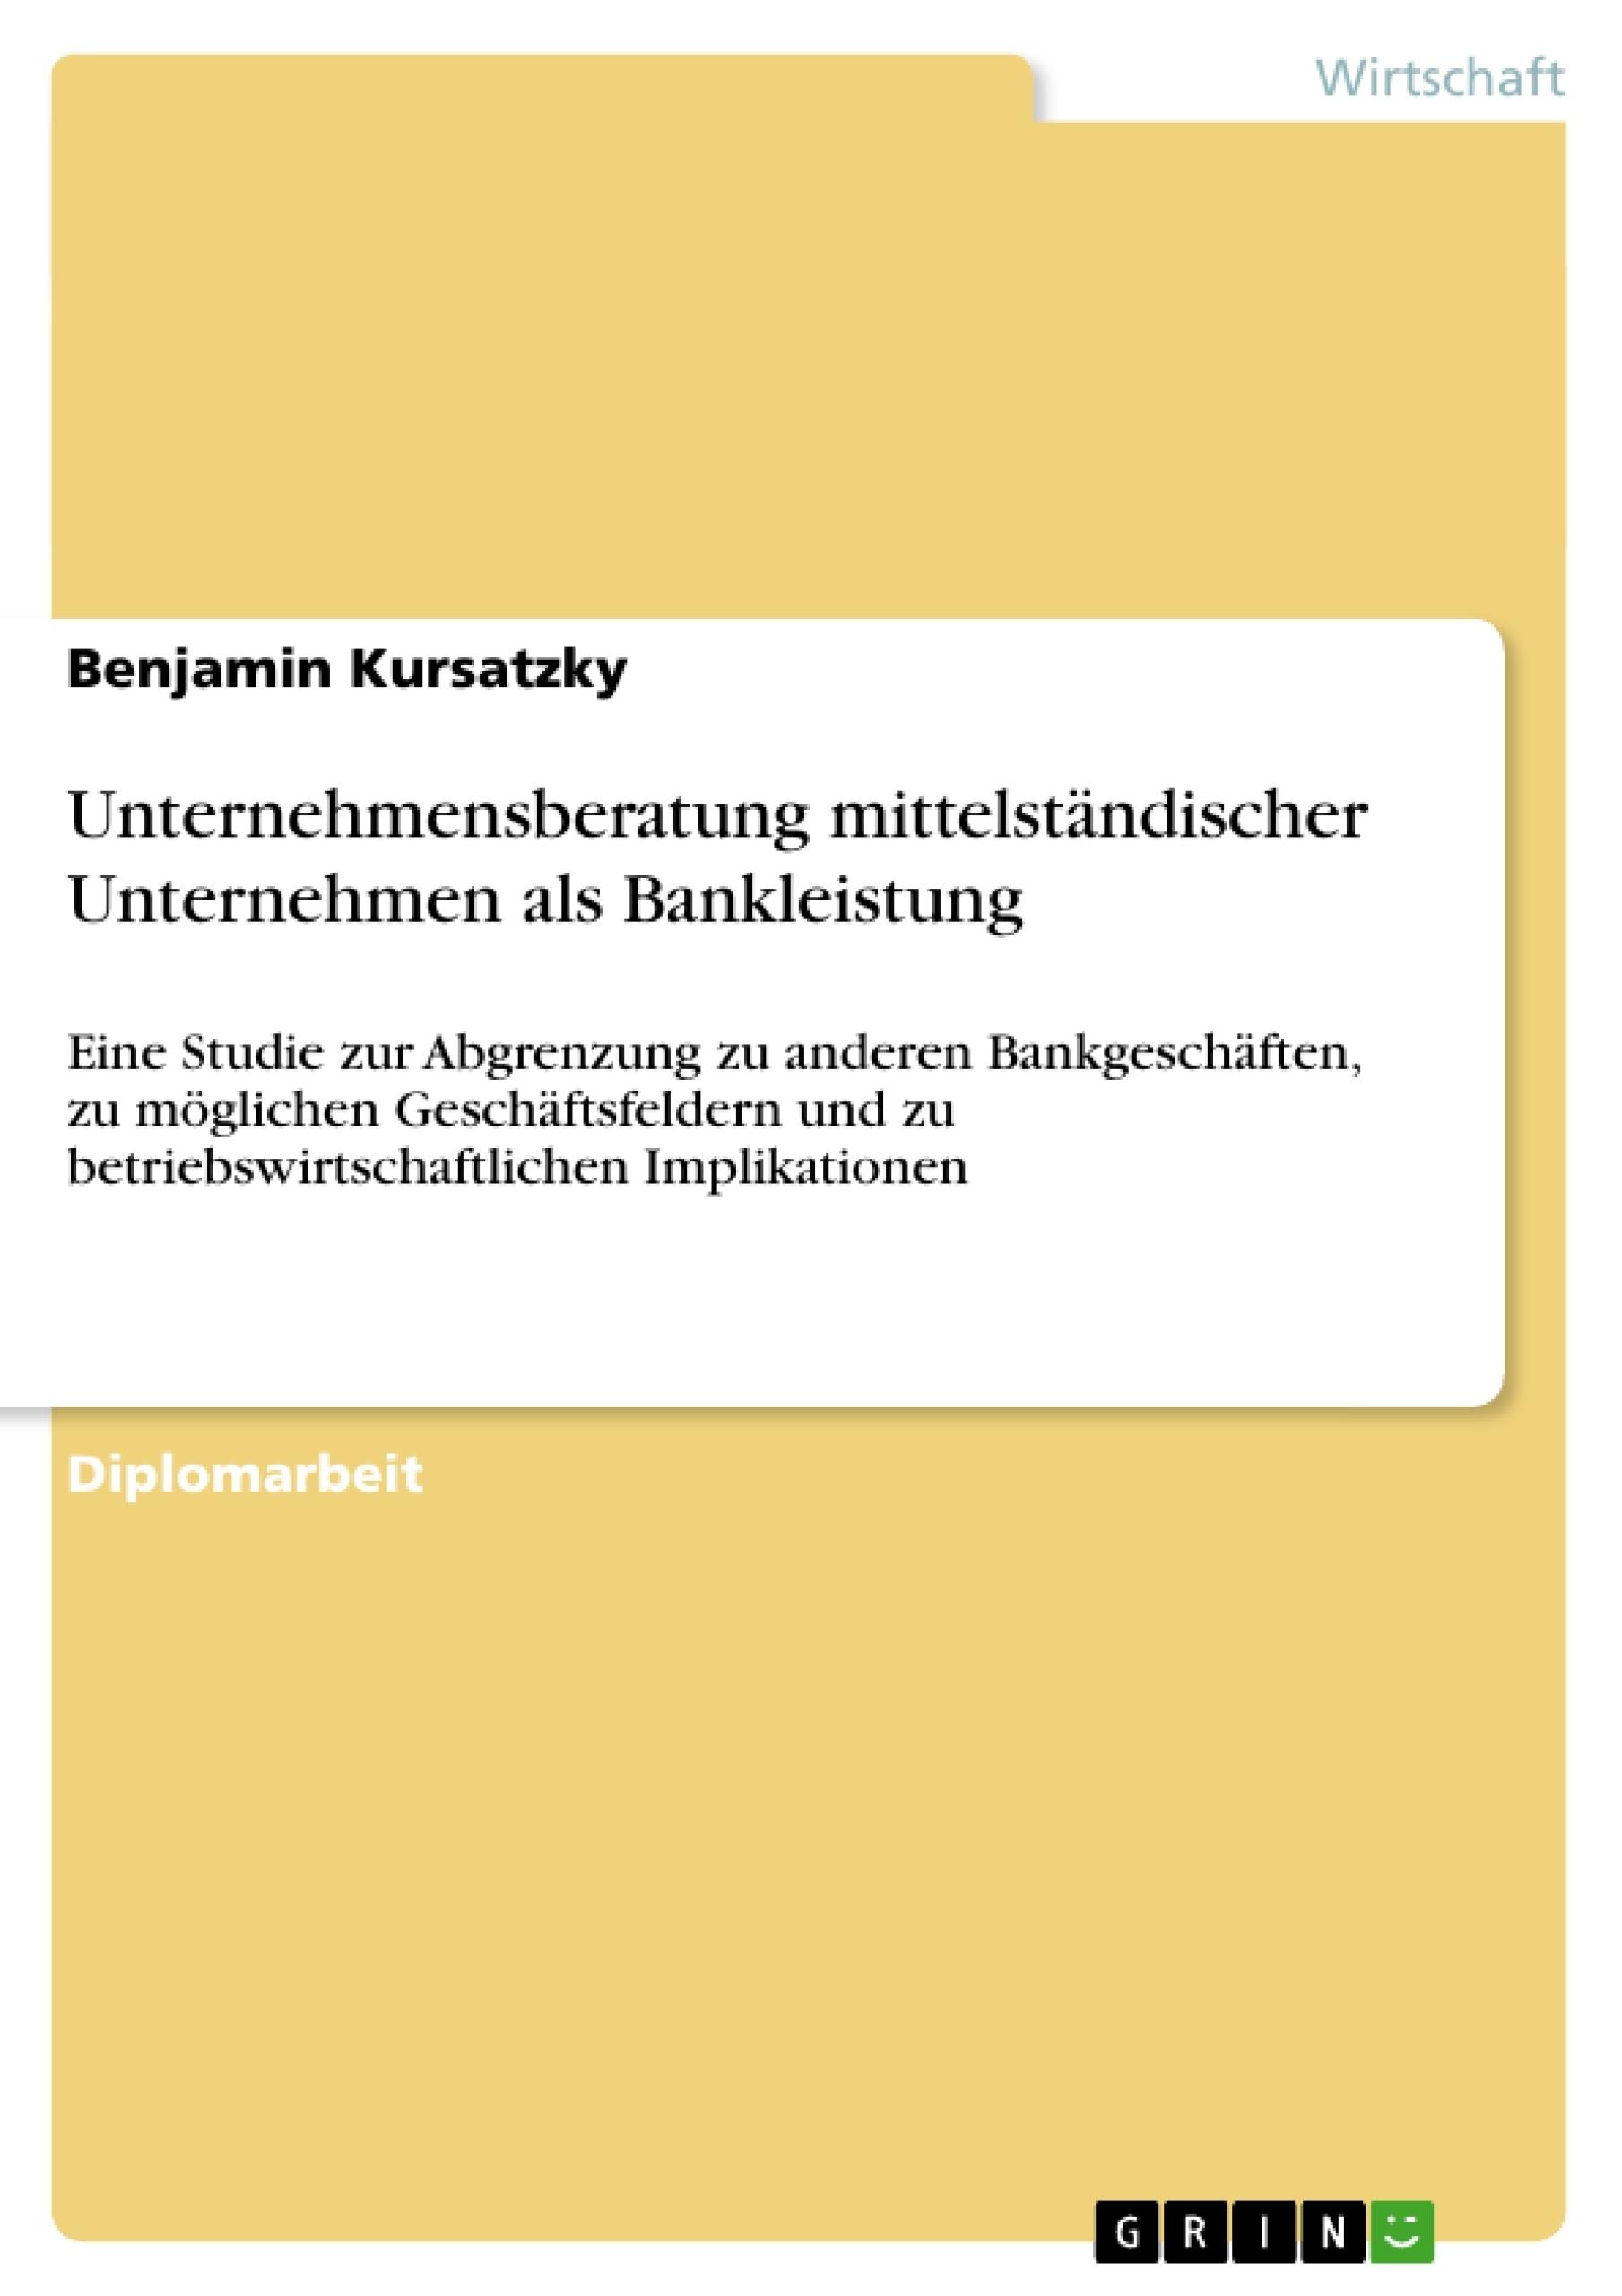 Titel: Unternehmensberatung mittelständischer Unternehmen als Bankleistung